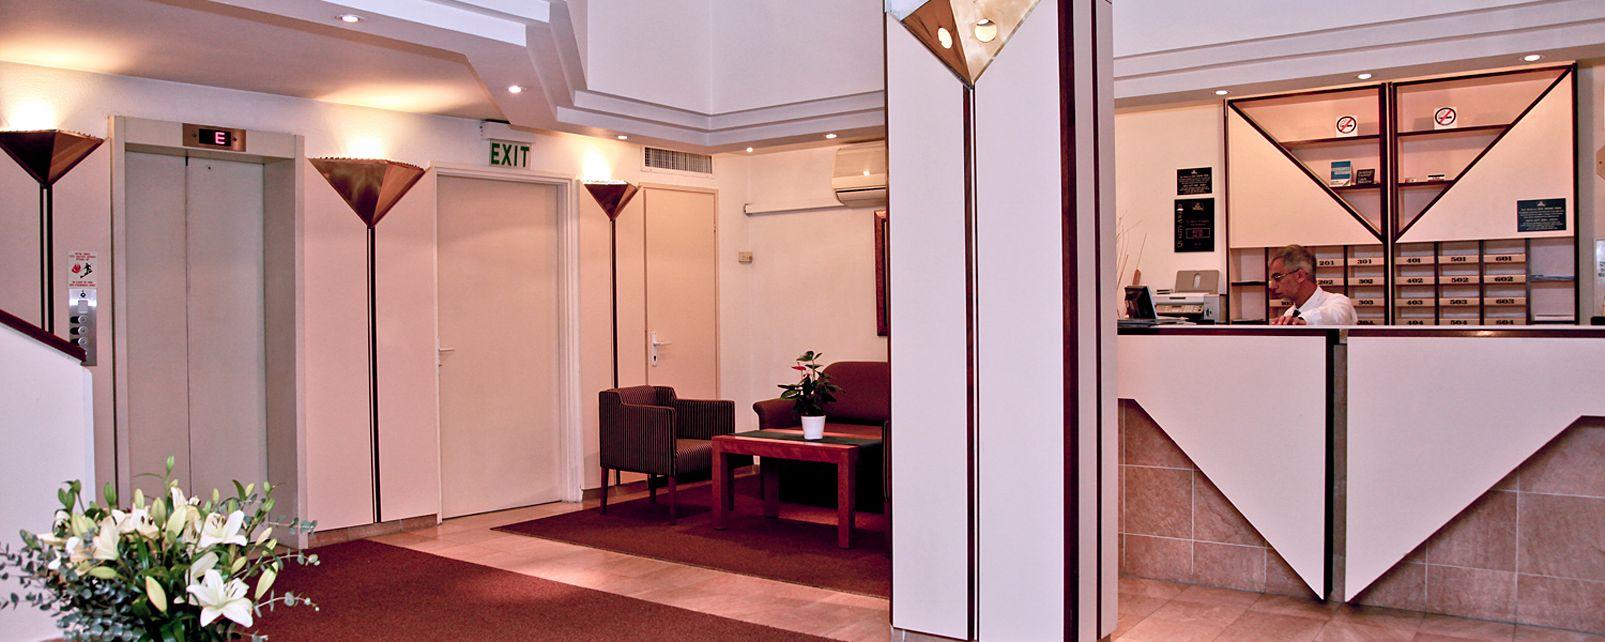 Hôtel Best Western Regency Suites